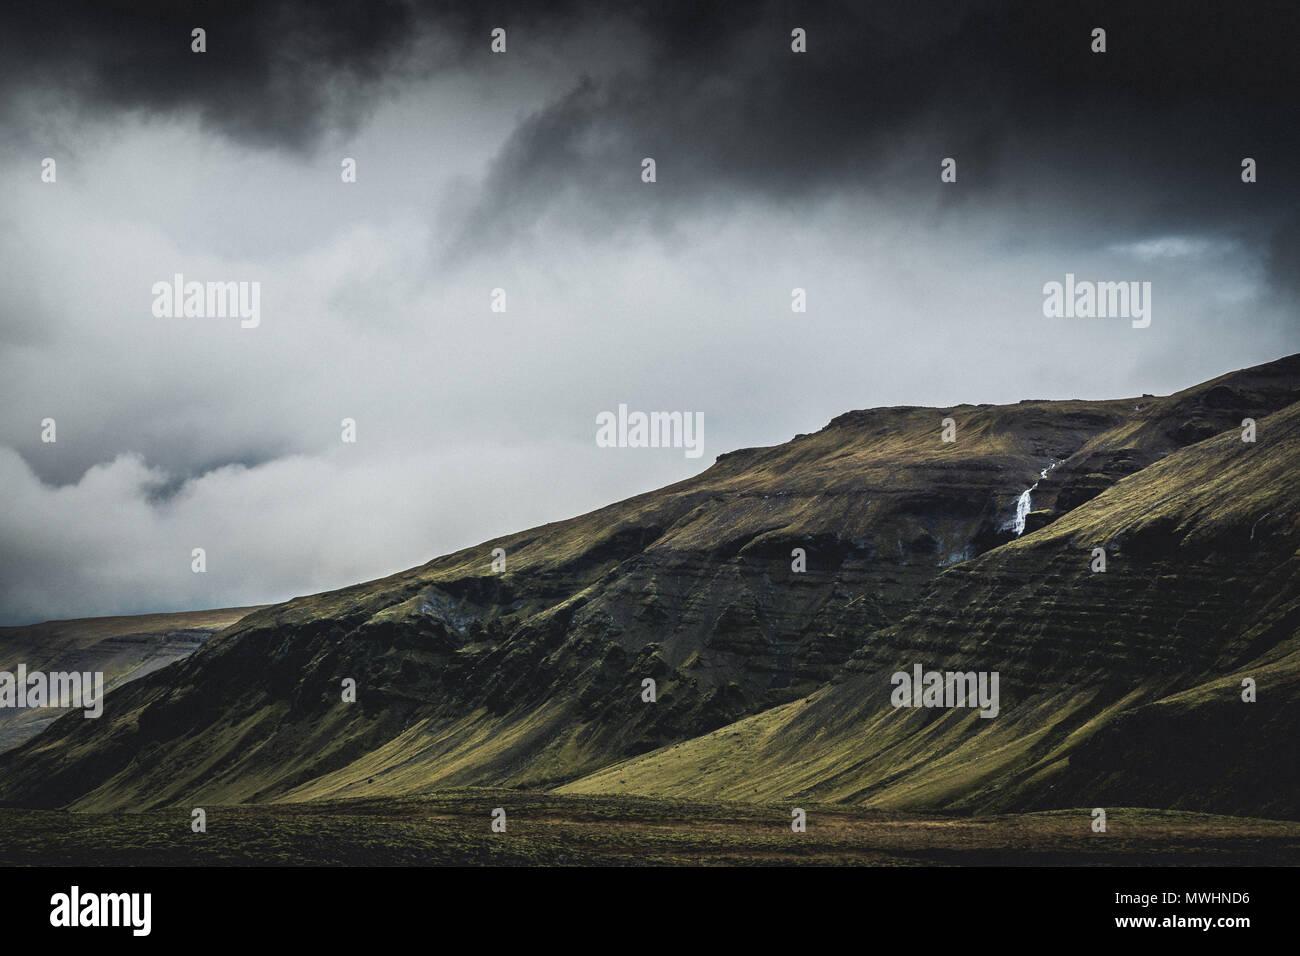 Un paesaggio tipico nelle lingue islandese Highlands. Immagini Stock